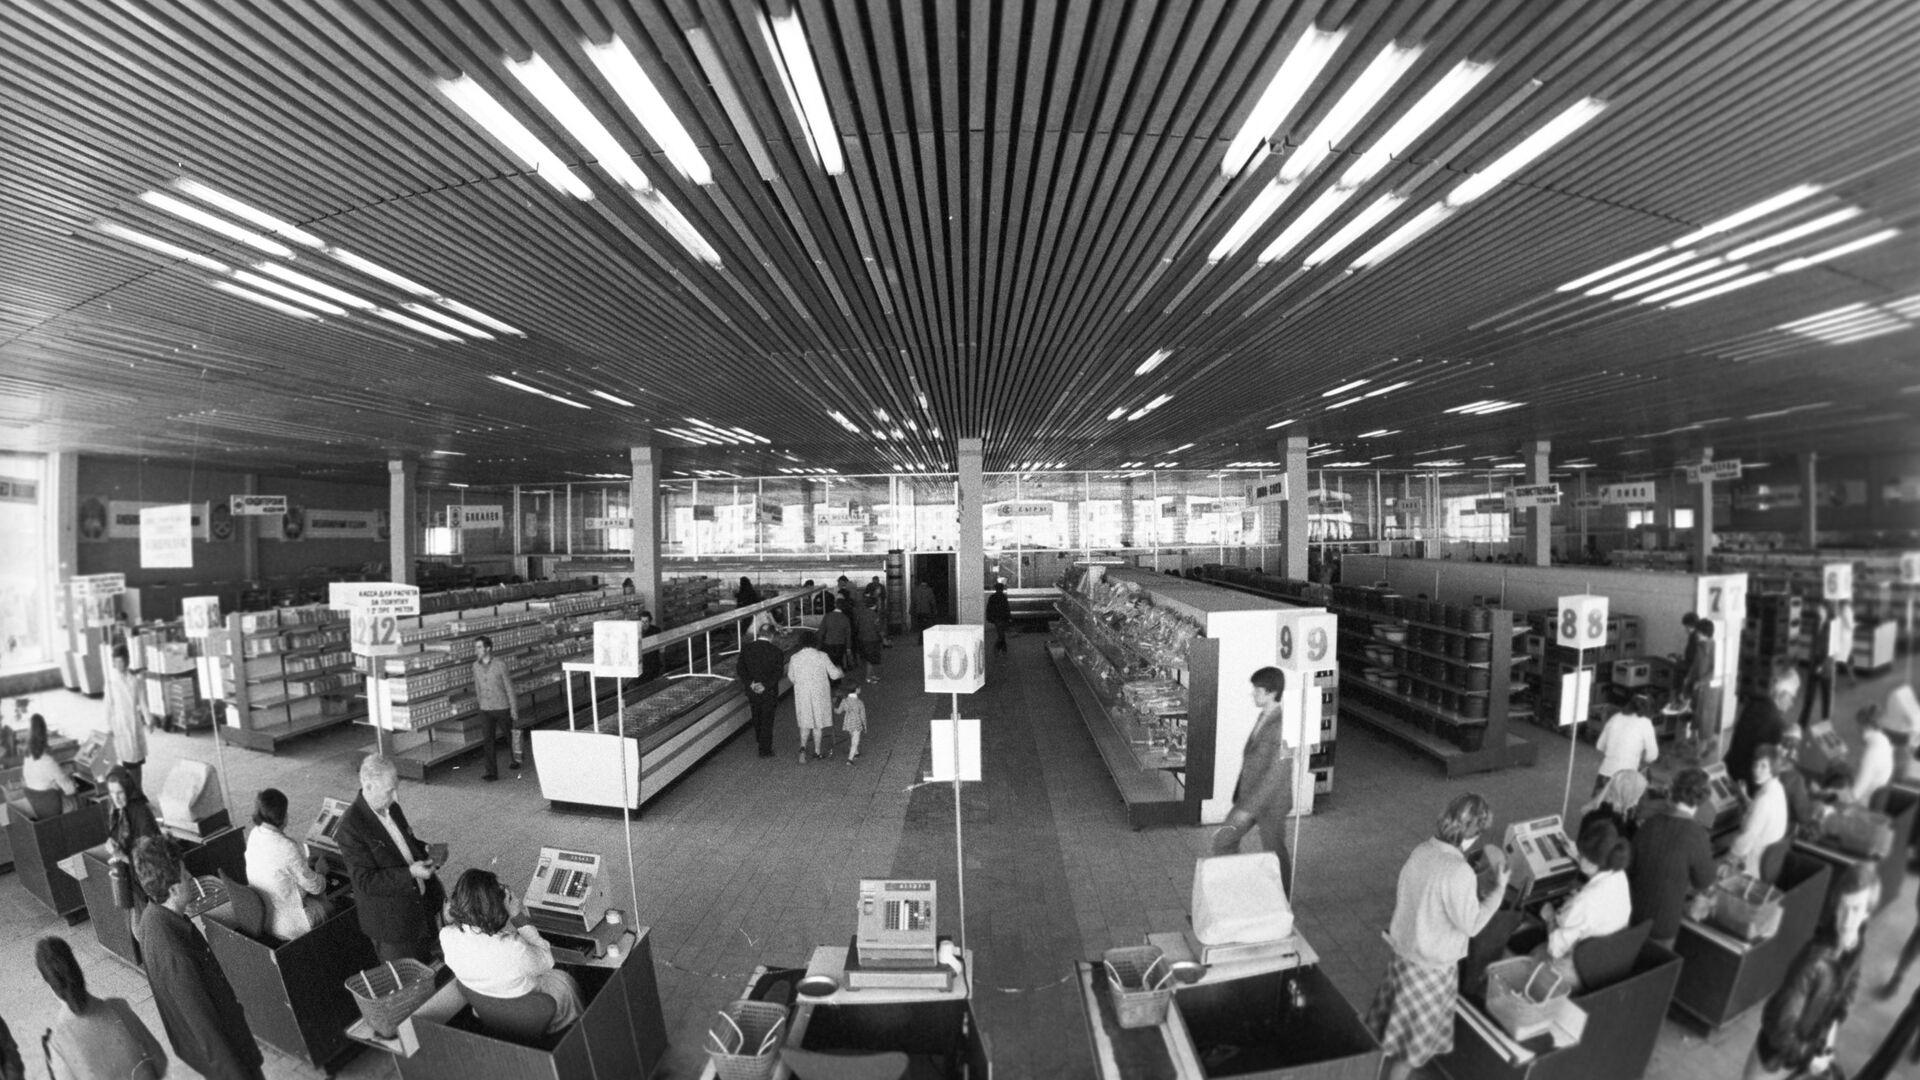 Покупатели в торговом зале универмага - РИА Новости, 1920, 14.11.2020